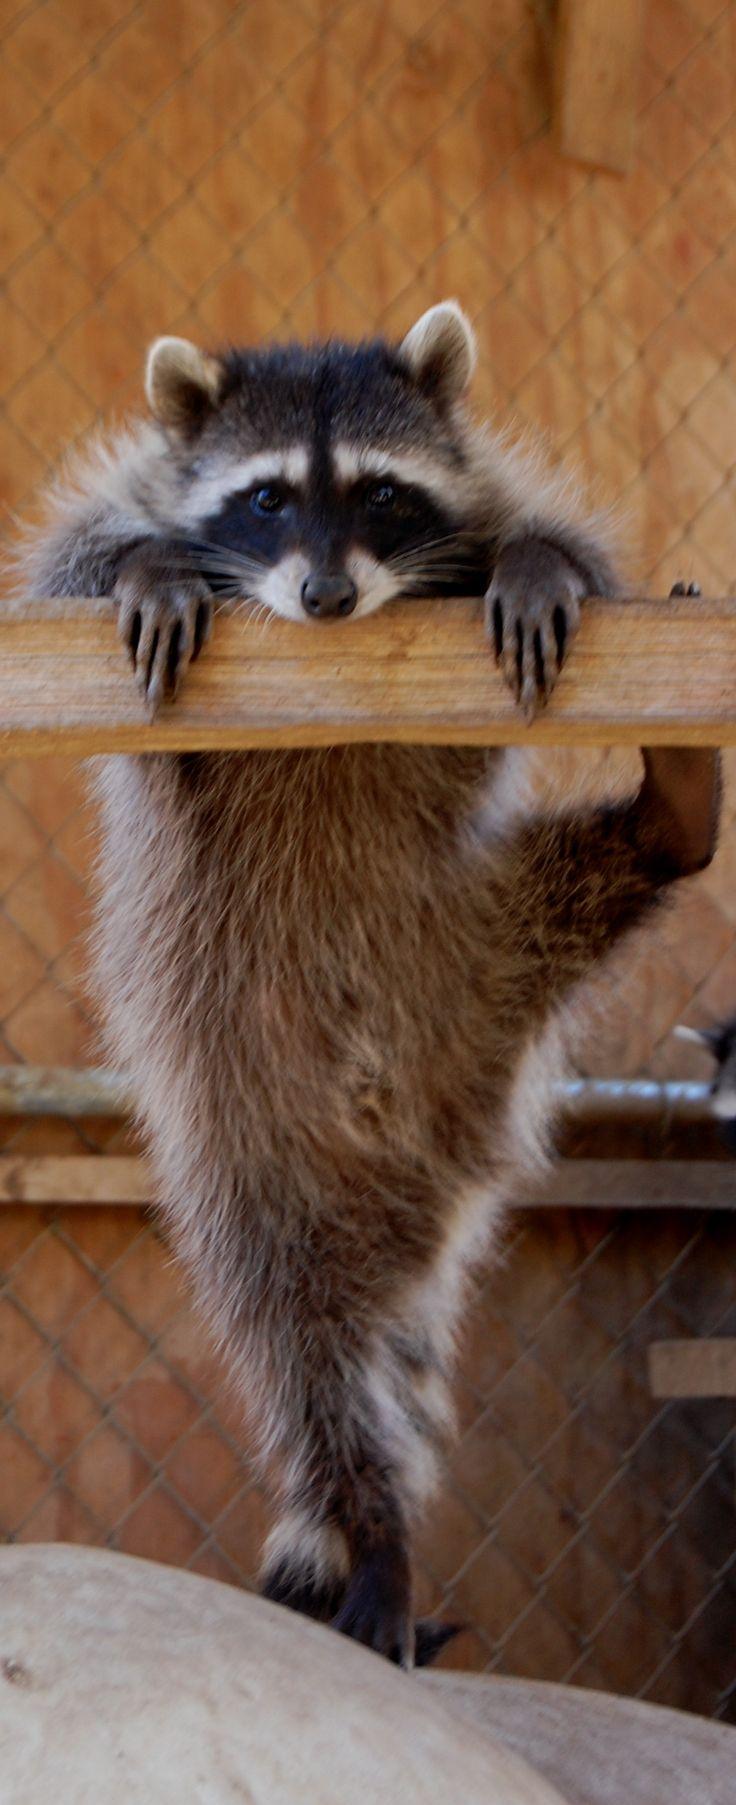 eine schöne bewegliche Woche wünscht dir Raupe :o) Rocky warming up on the barre...